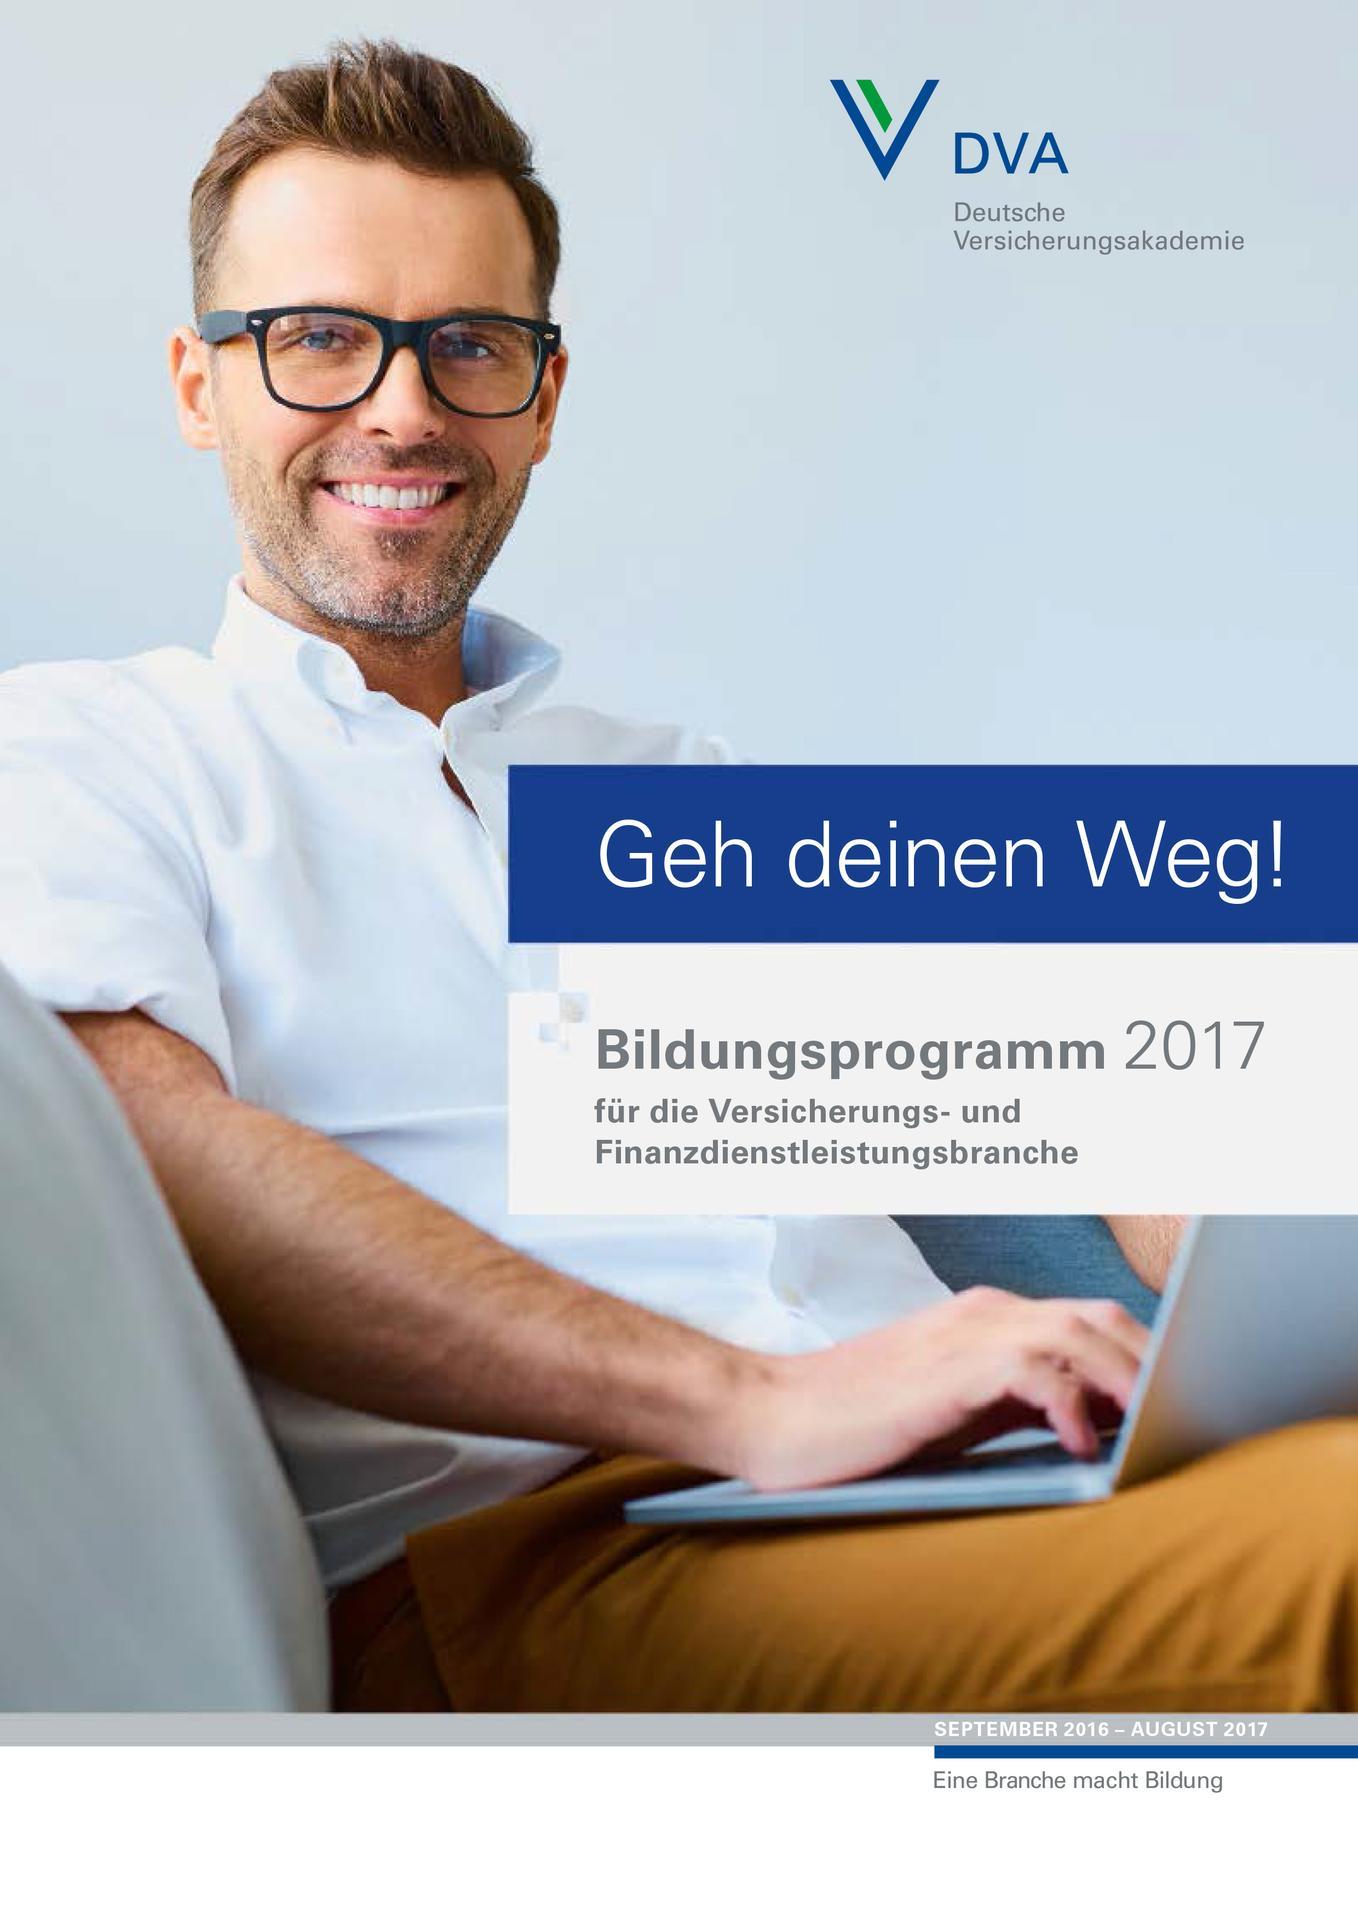 Bildungsprogramm 2017 - Mit über 300 Angeboten die bisher umfangreichste Auflage